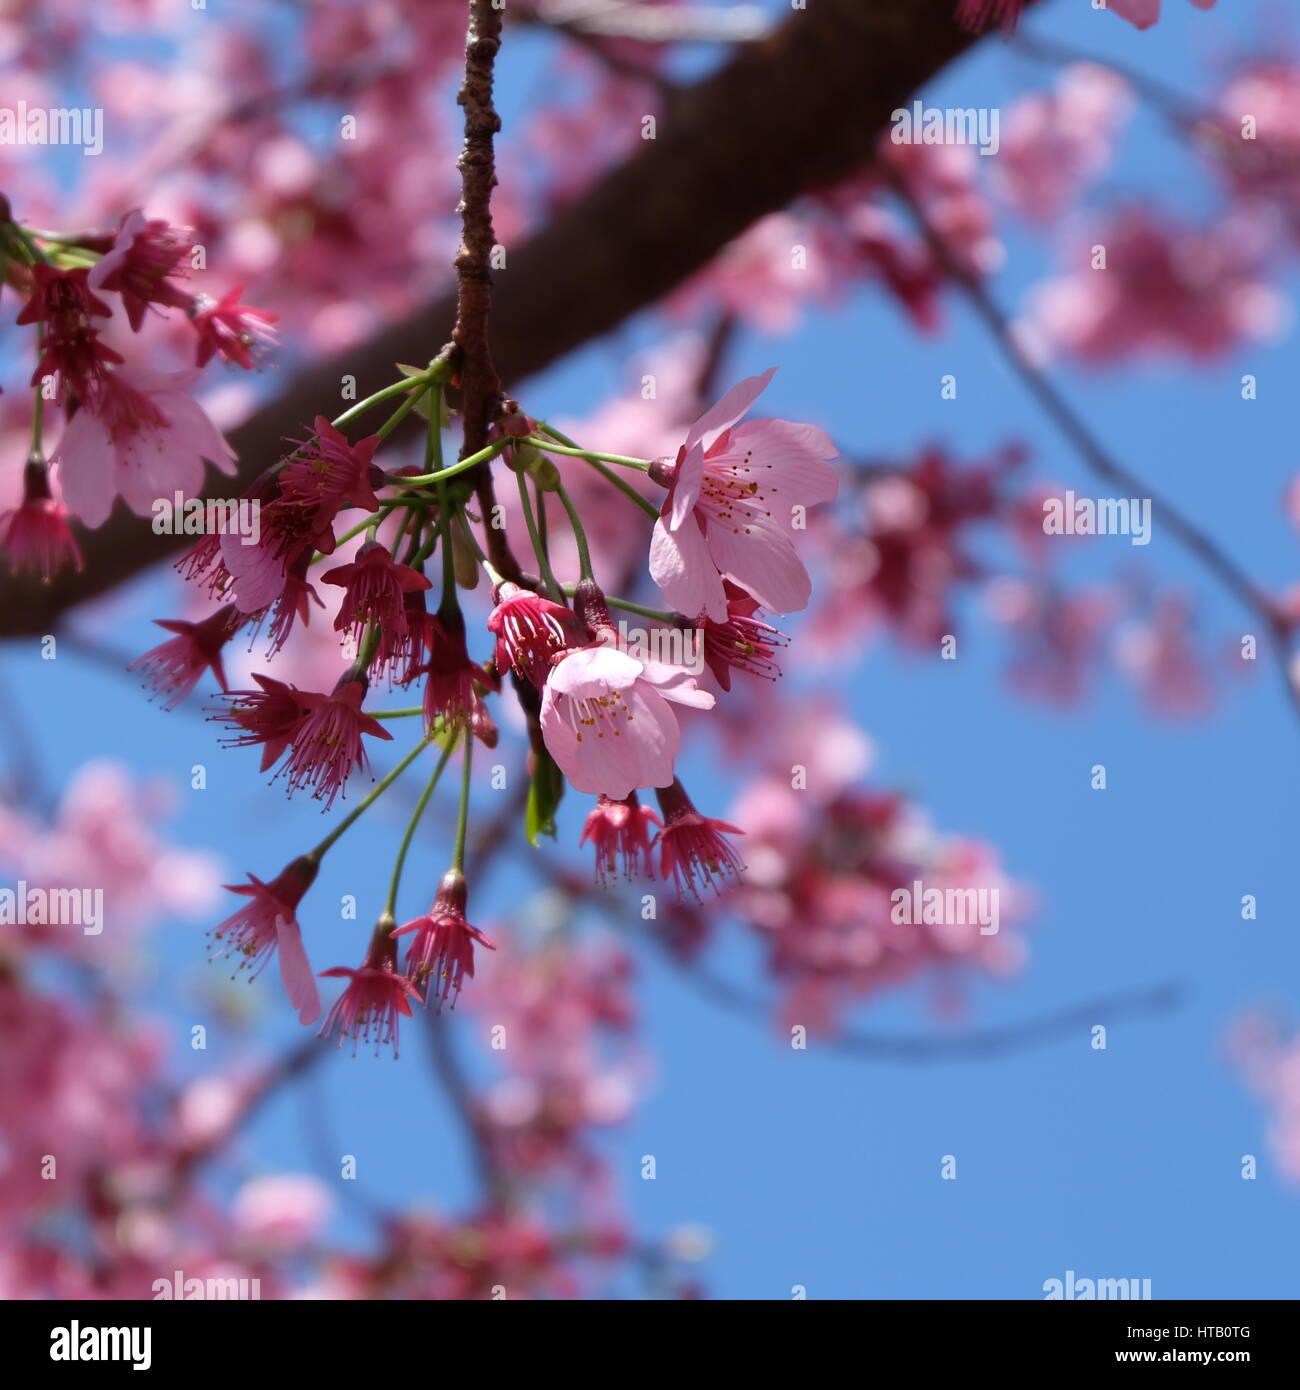 Fabelhaft Welche Blumen Blühen Im März Foto Von Schöne Rosa Kirschblüte Sakura Blühen Frühling Um